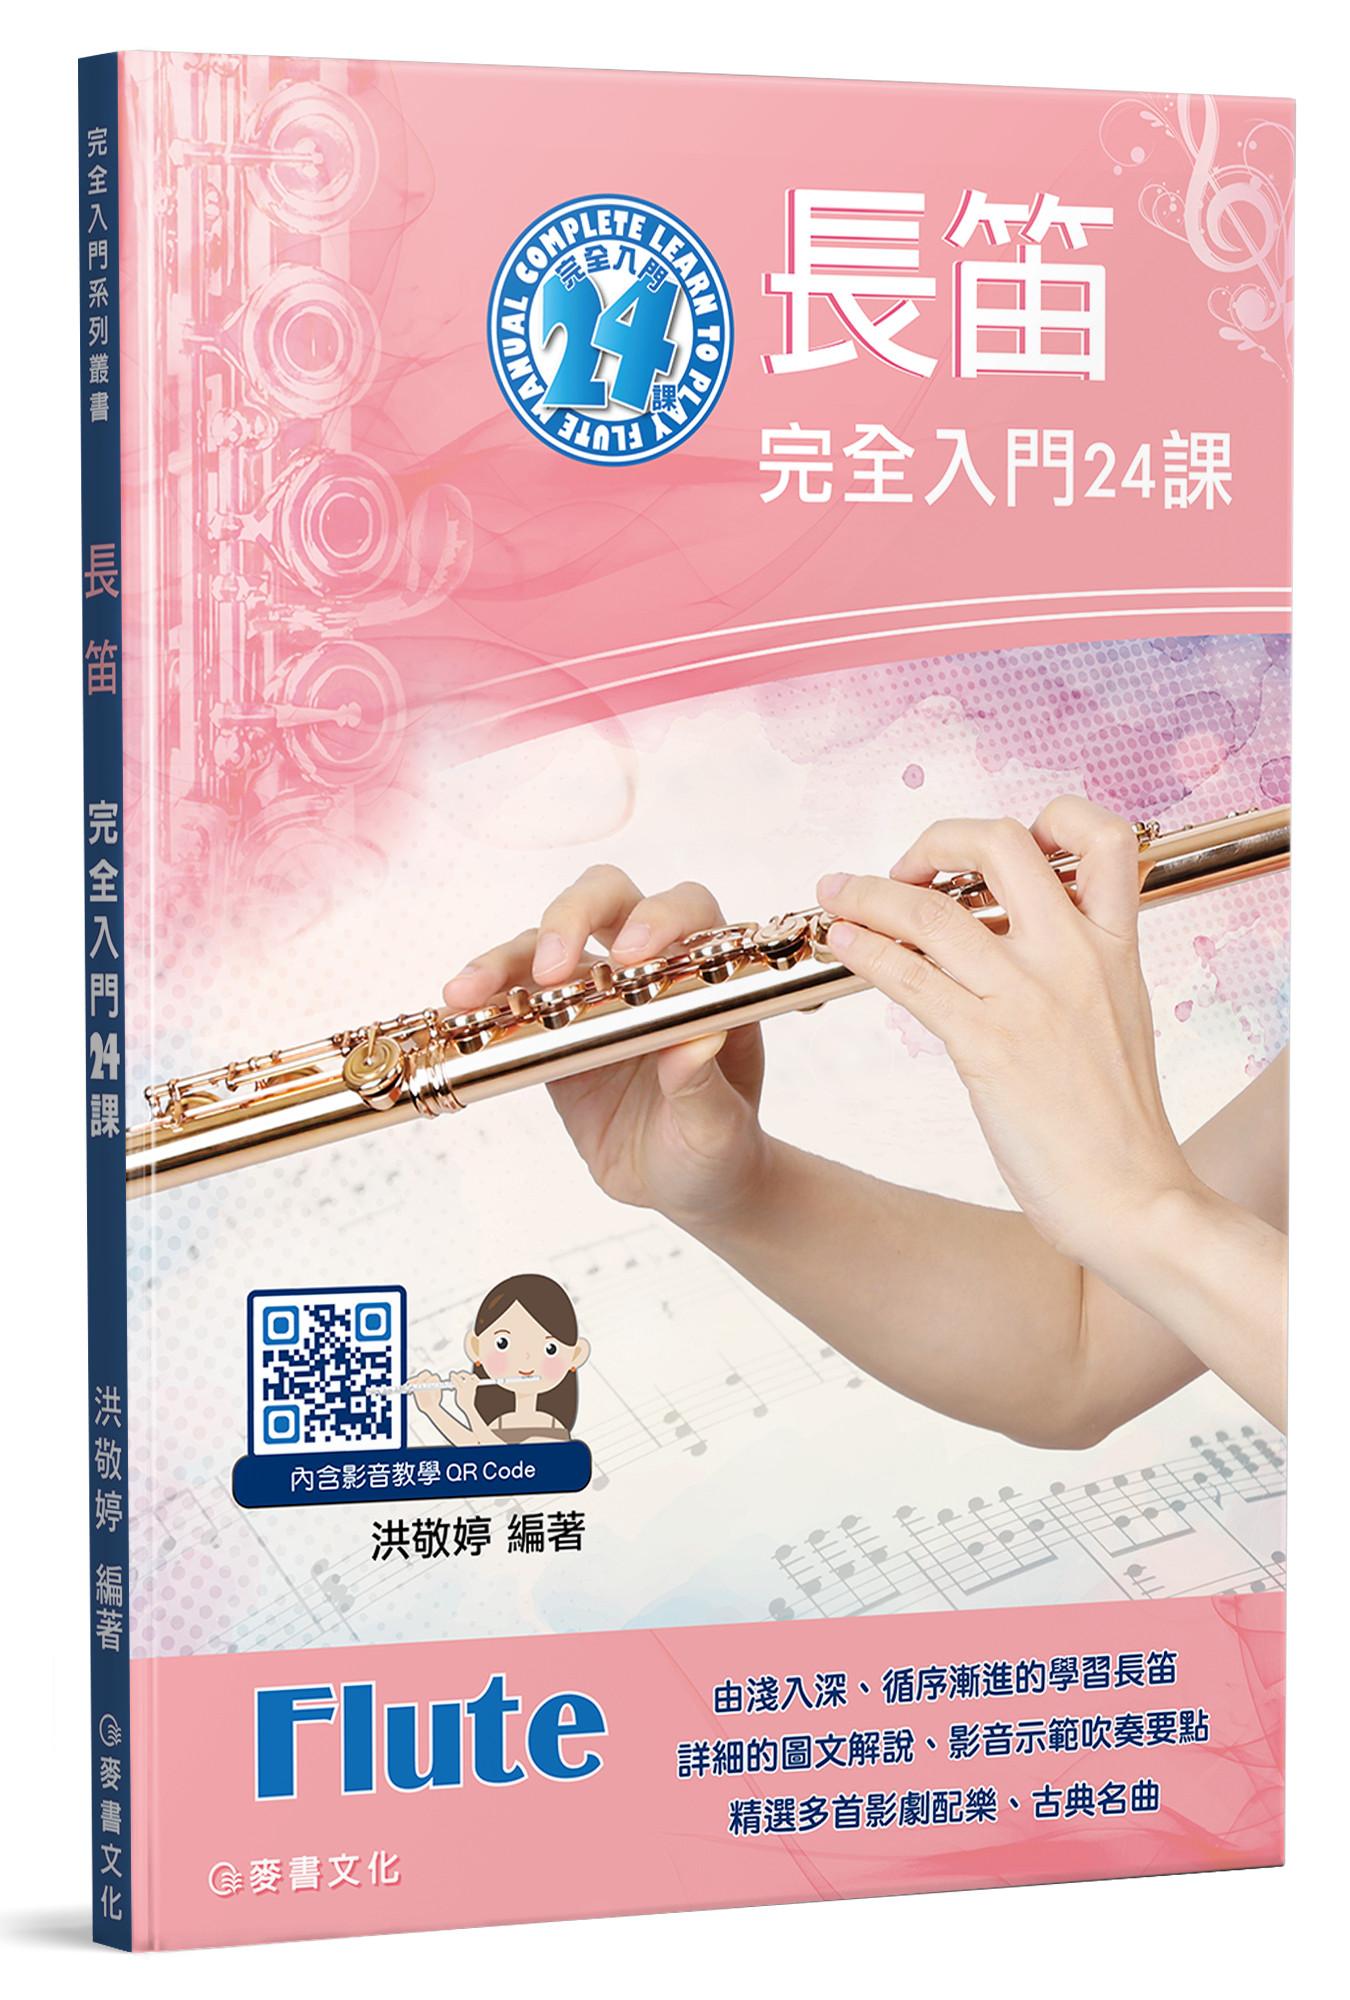 長笛,初學,講座,洪敬婷,入門,教學,24課,新書